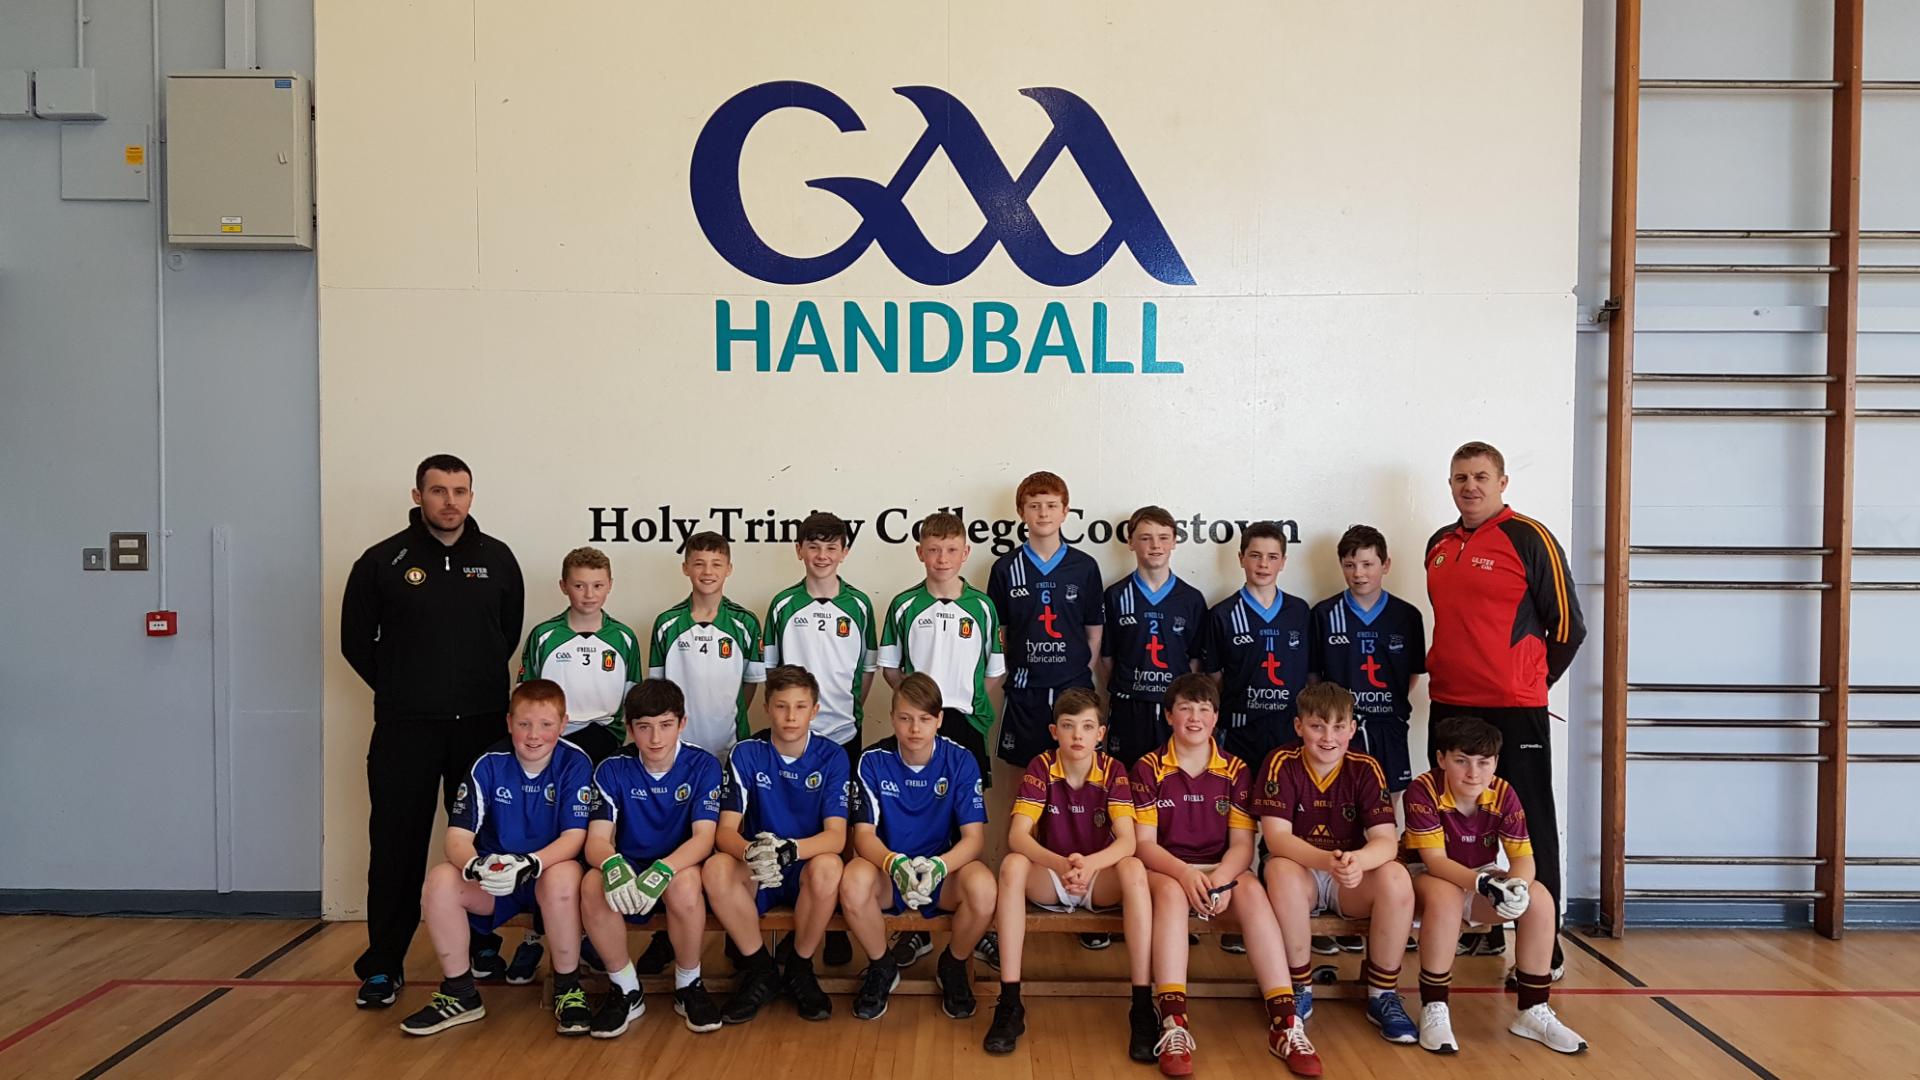 St Ciaran's Ballygawley Provincial One Wall Handball Champions